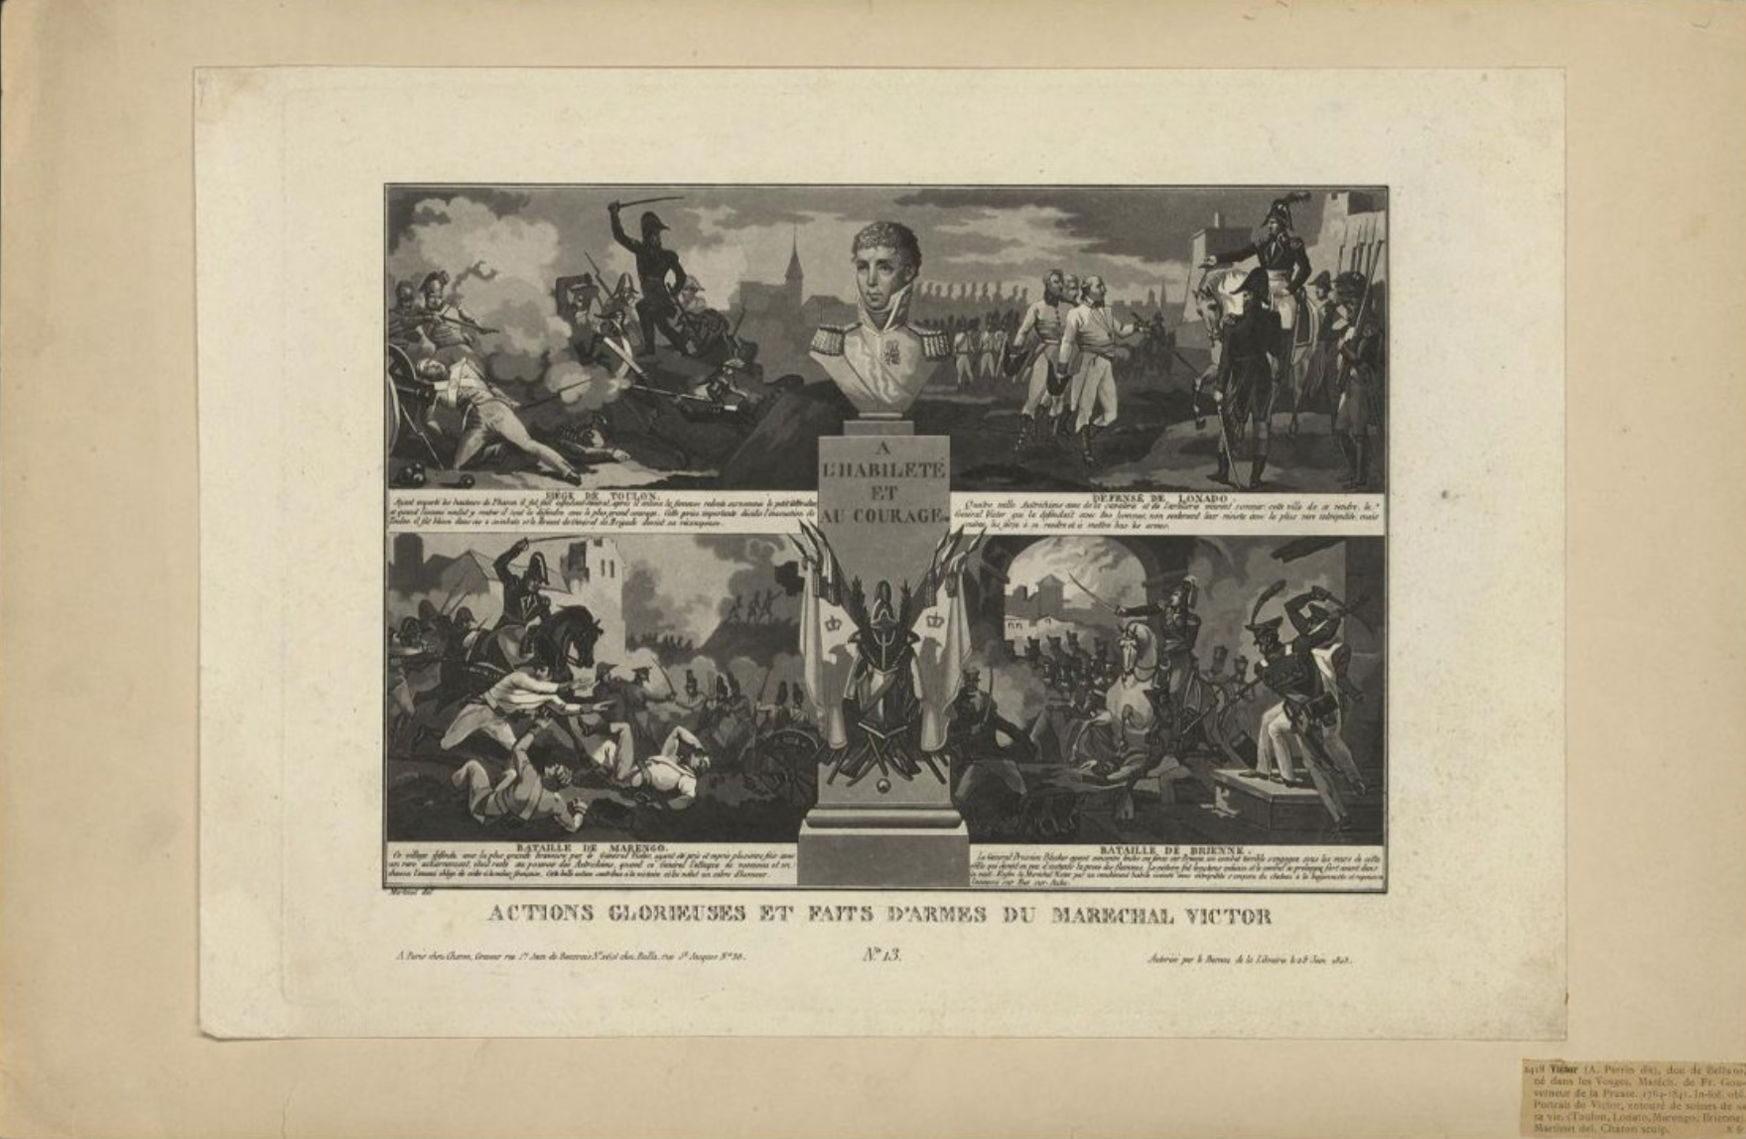 Лист из серии «Славные дела и подвиги маршала Виктора» Гравюра Л.Ф. Шарона по оригиналу П. Мартине, 1823